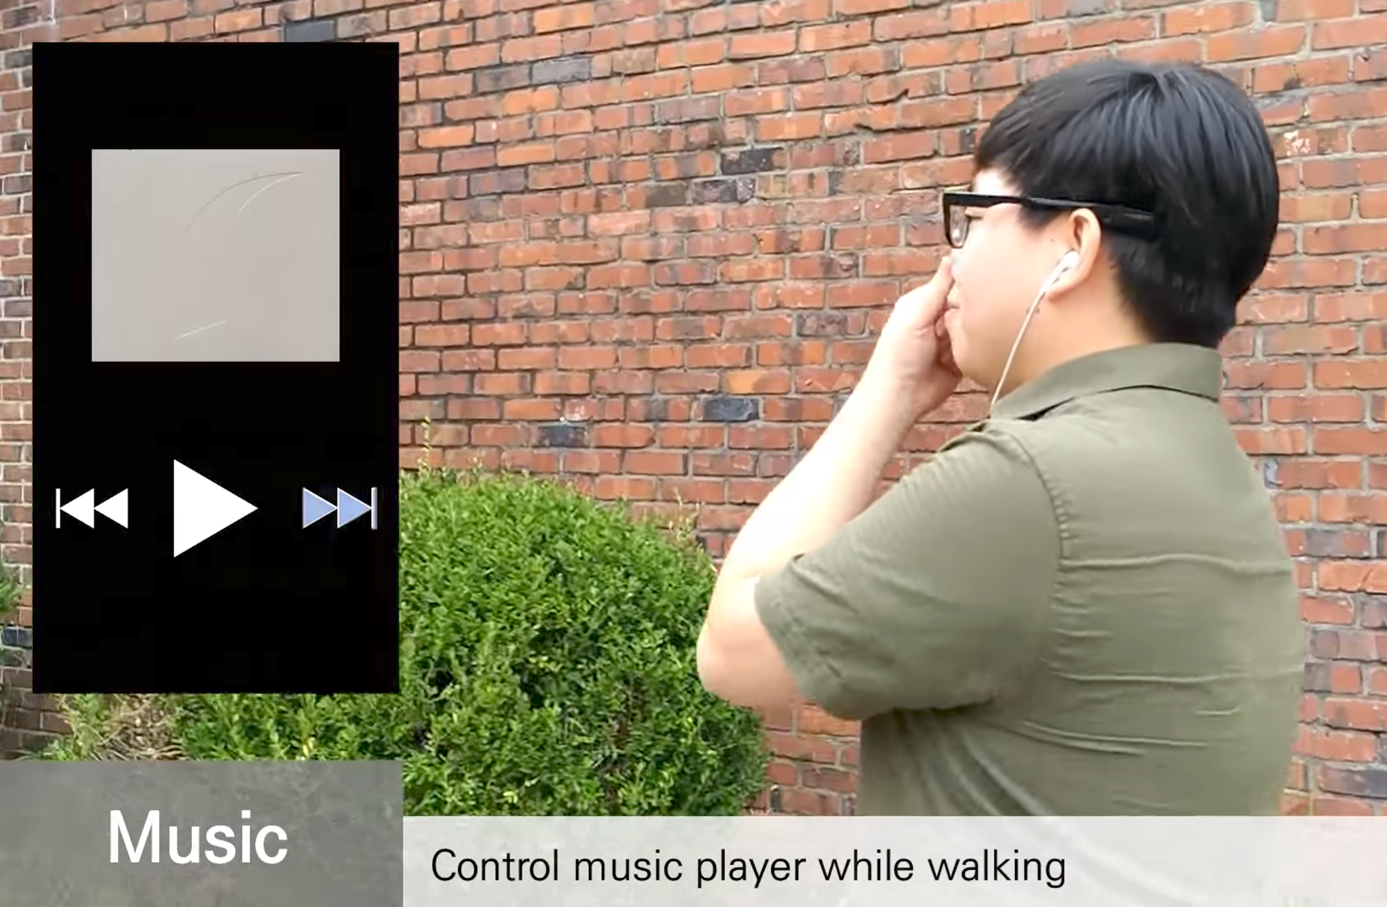 韩国科学技术院研发新人机交互系统还能用鼻子来操控App